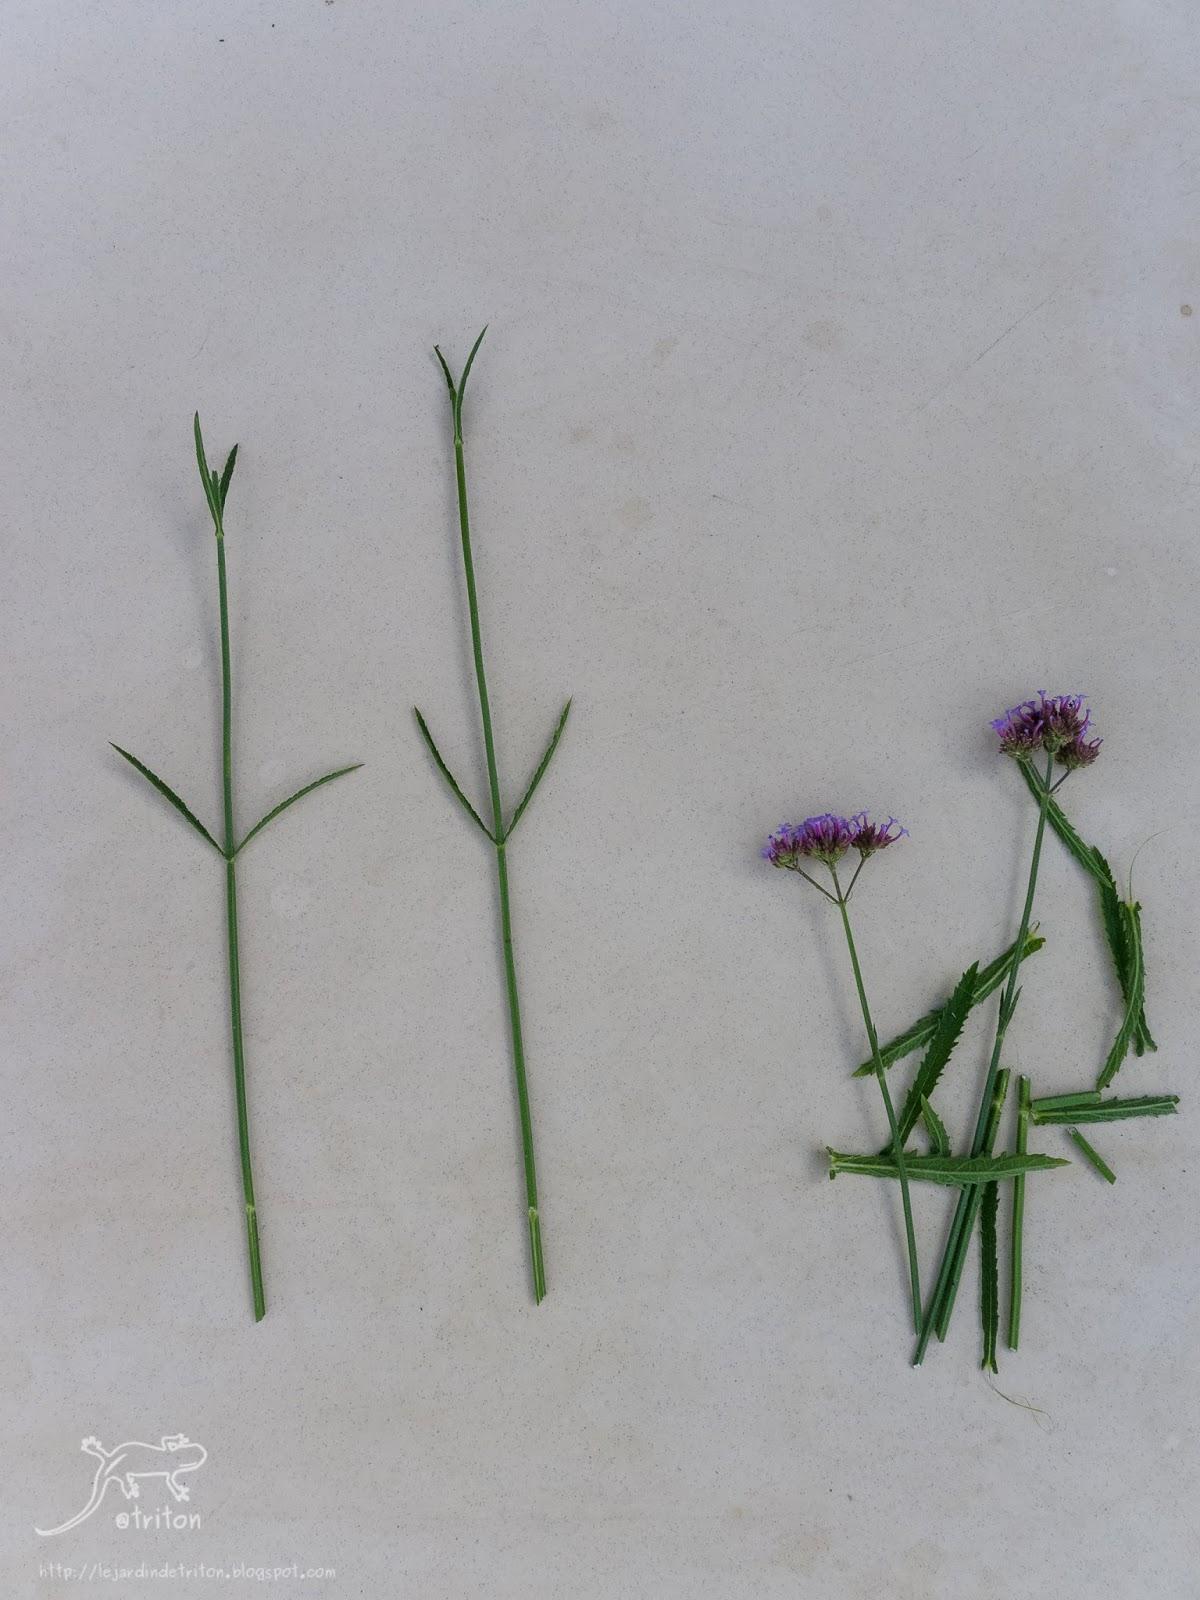 Le jardin de triton bouturage facile de la verveine de buenos aires verbena bonariensis - Planter de la verveine ...